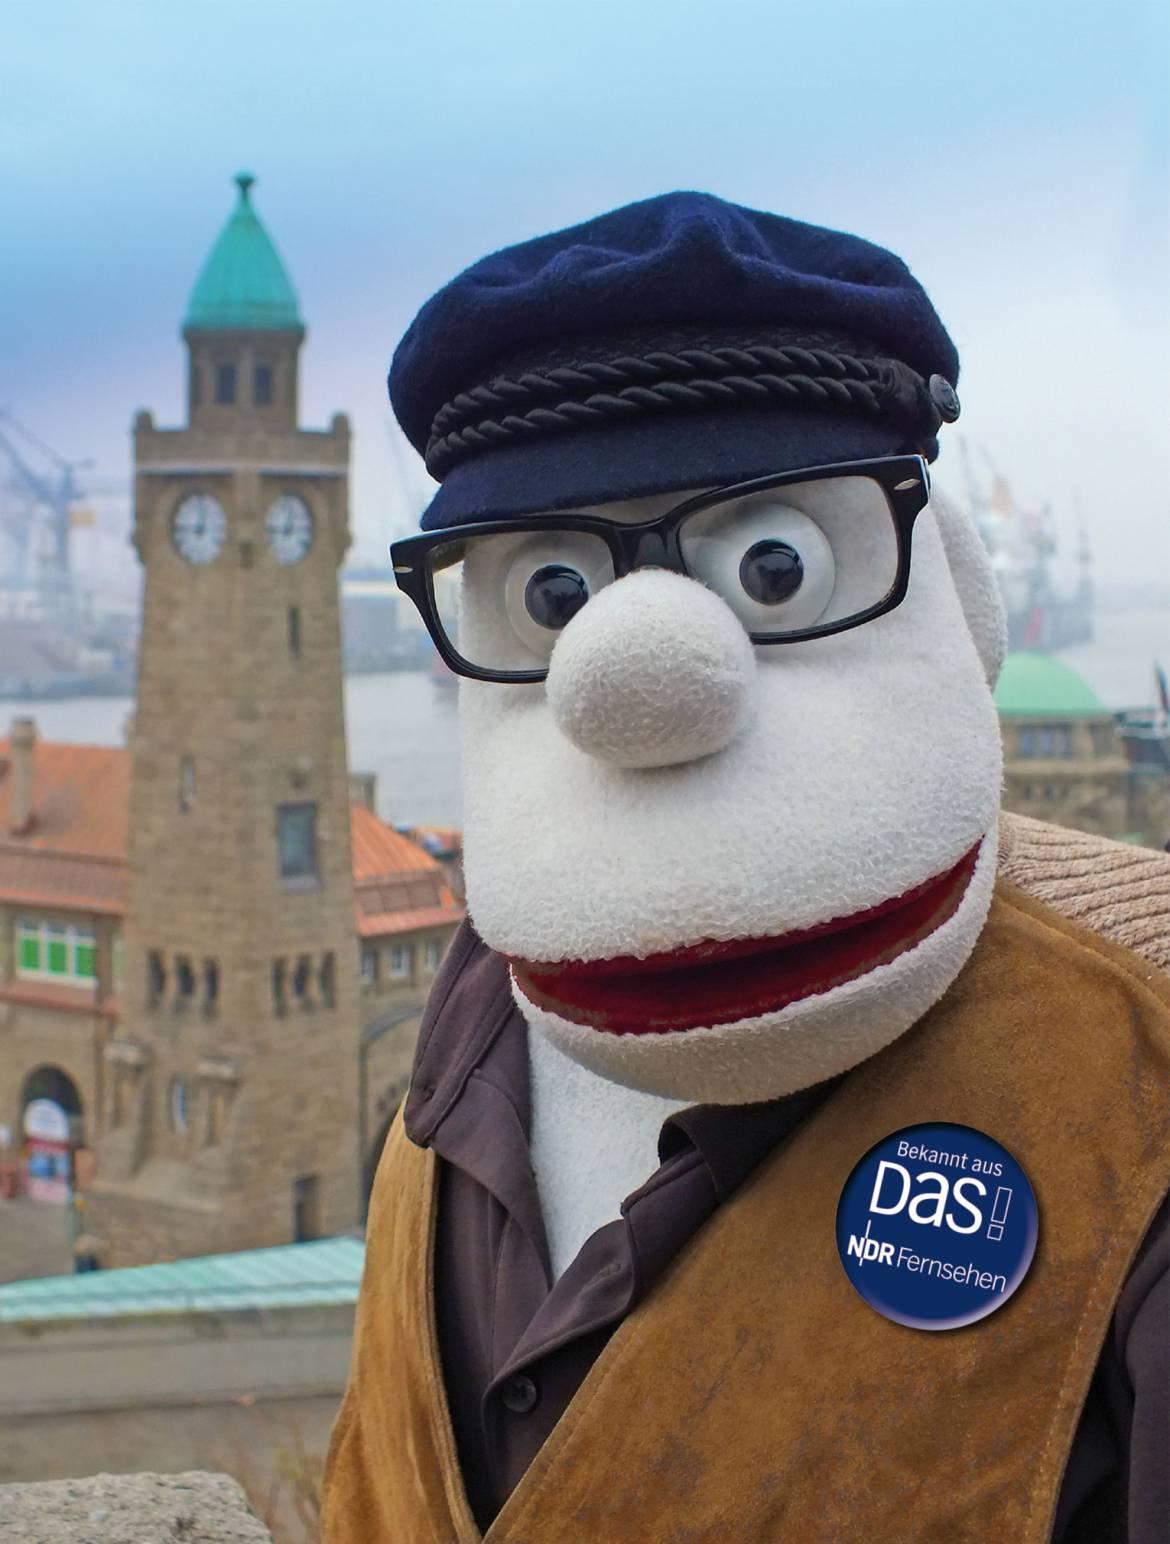 Pressefoto-Die-Werner-Momsen-ihm-seine-Soloshow_NDR-web.jpeg